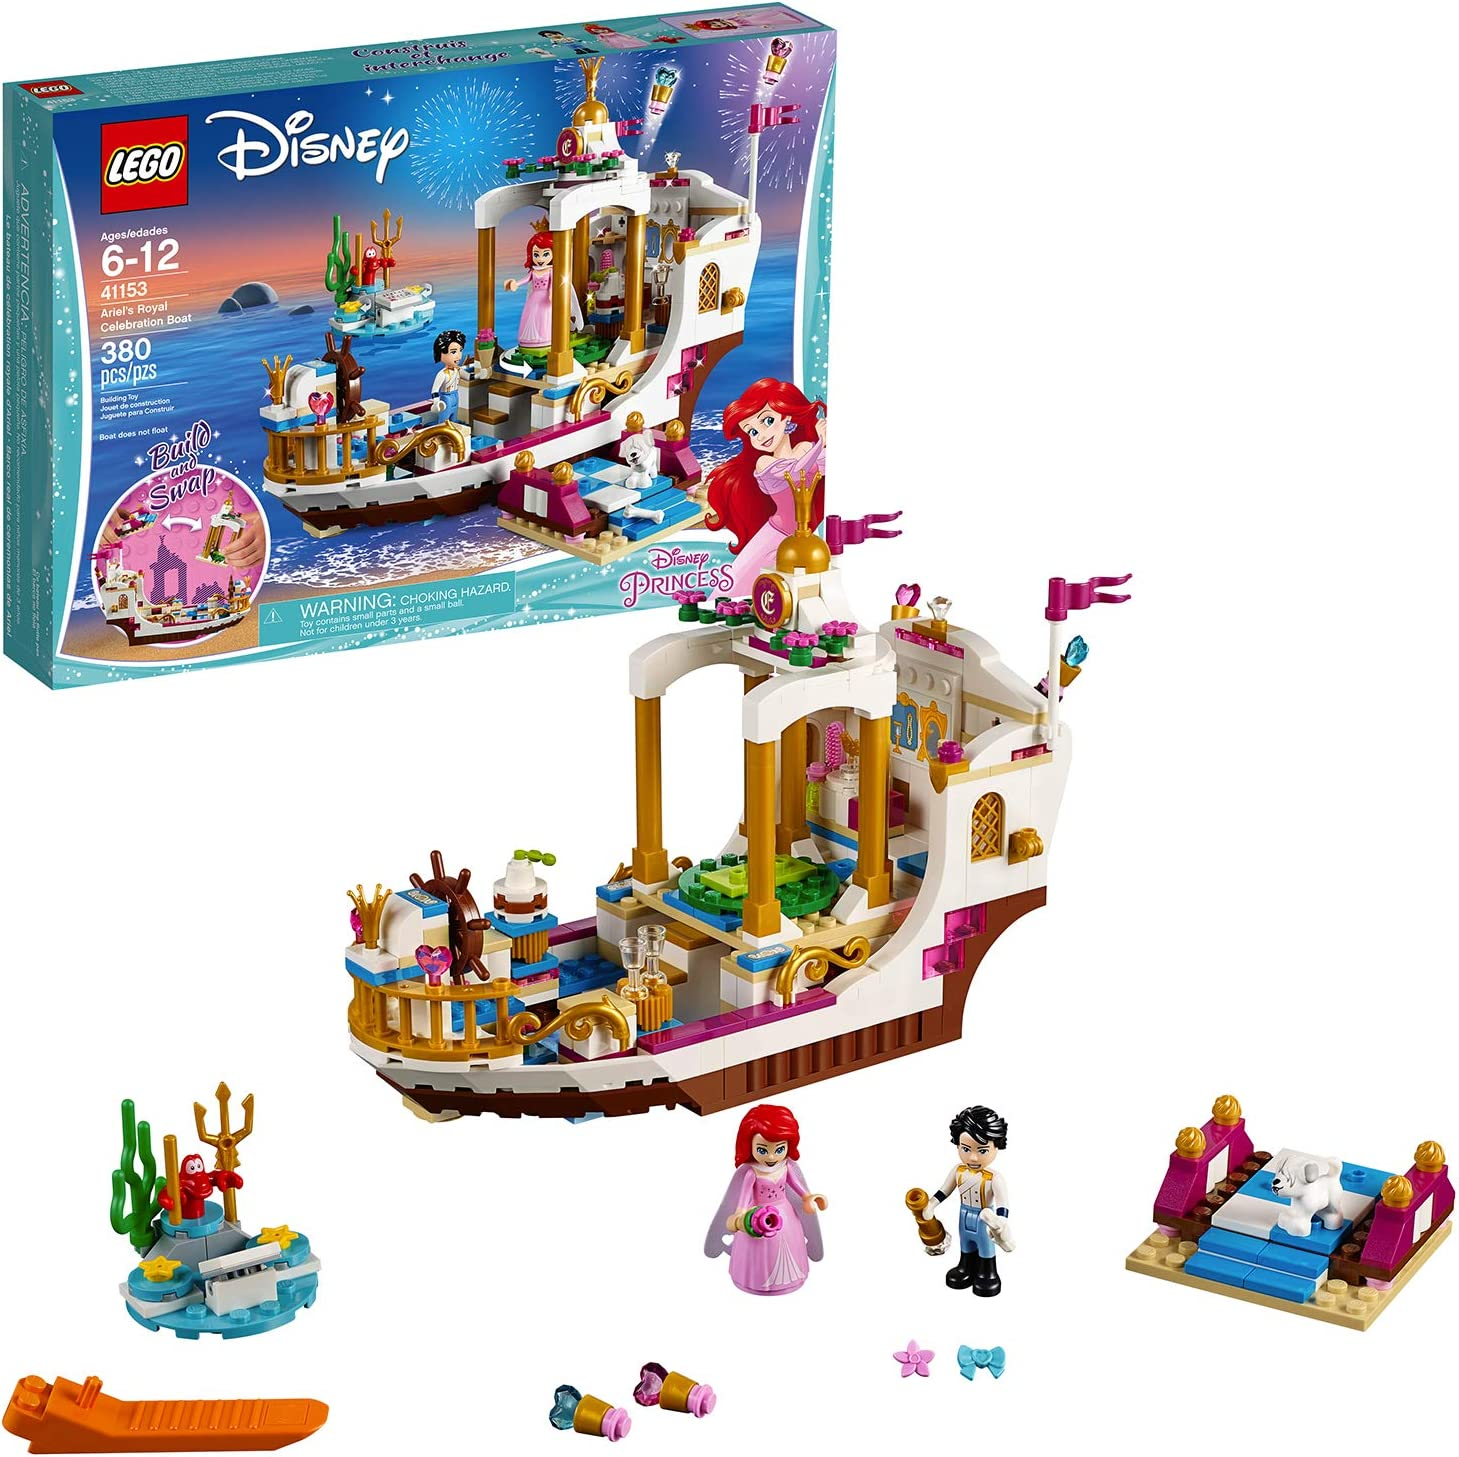 Lego Princess 41153 Ariel Royal Wedding